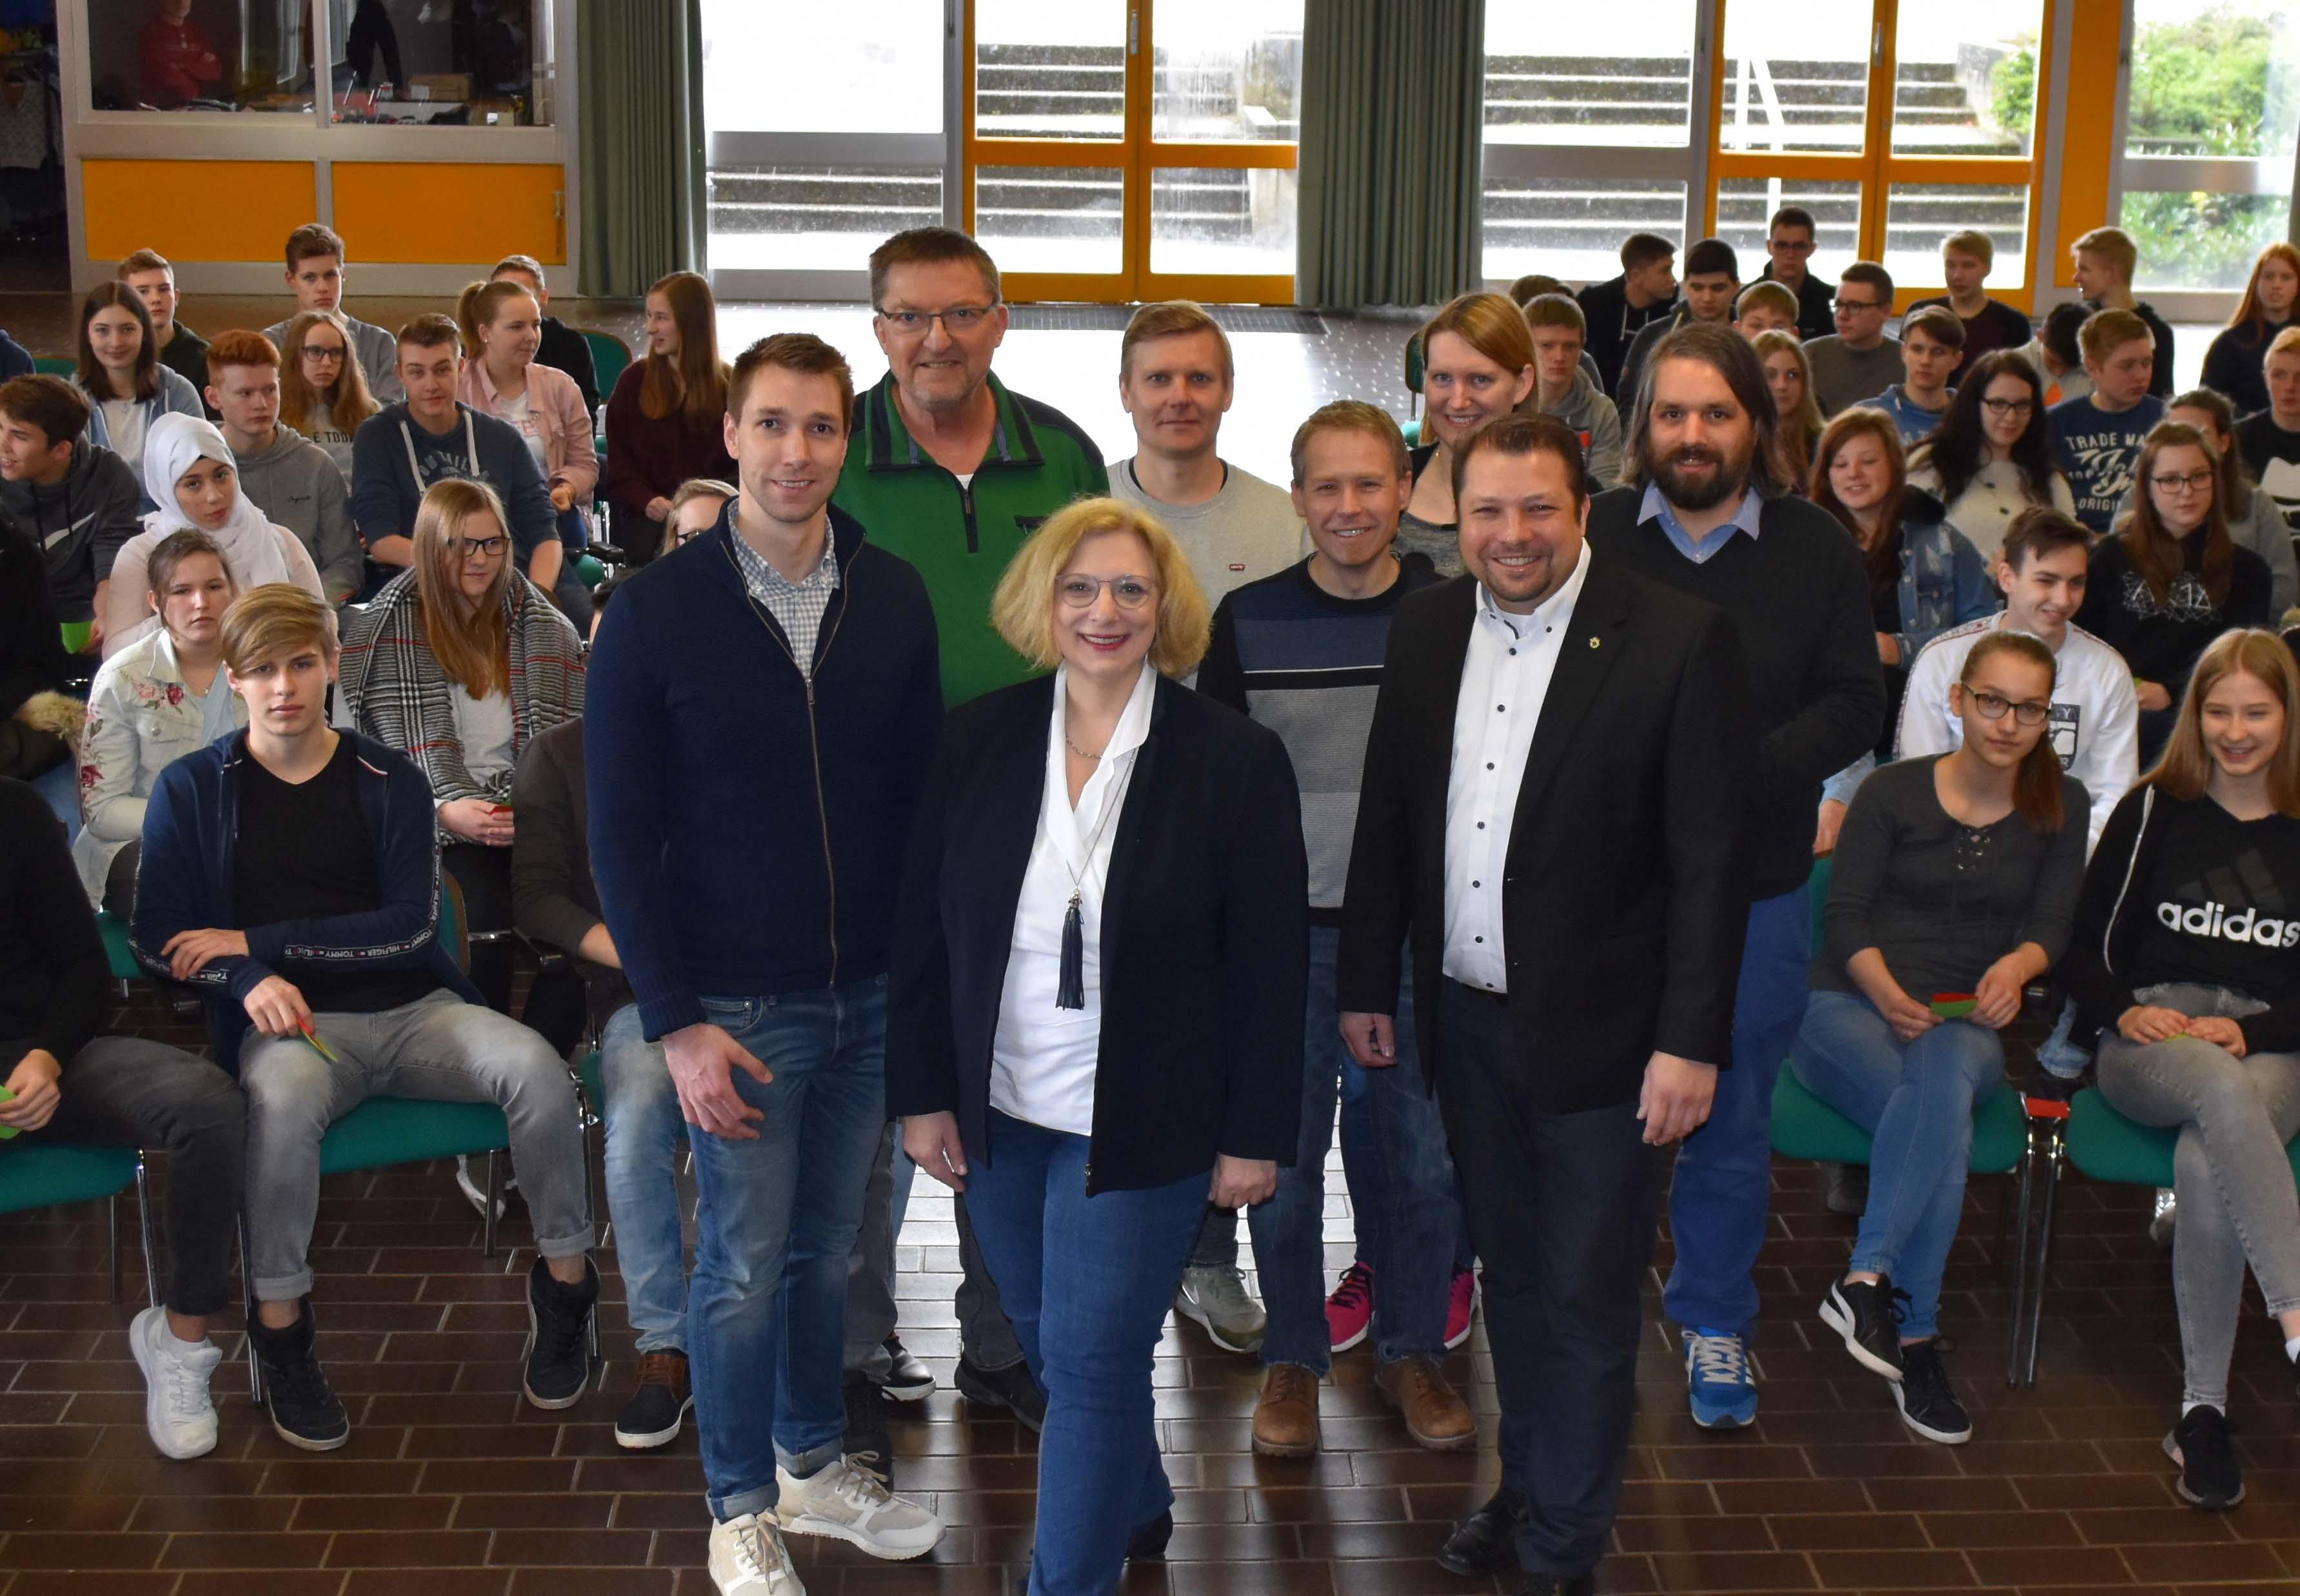 V.l.n.r.: Philipp Schrader, Dr. Daniela De Ridder und Schulleiter Karsten Bittigau